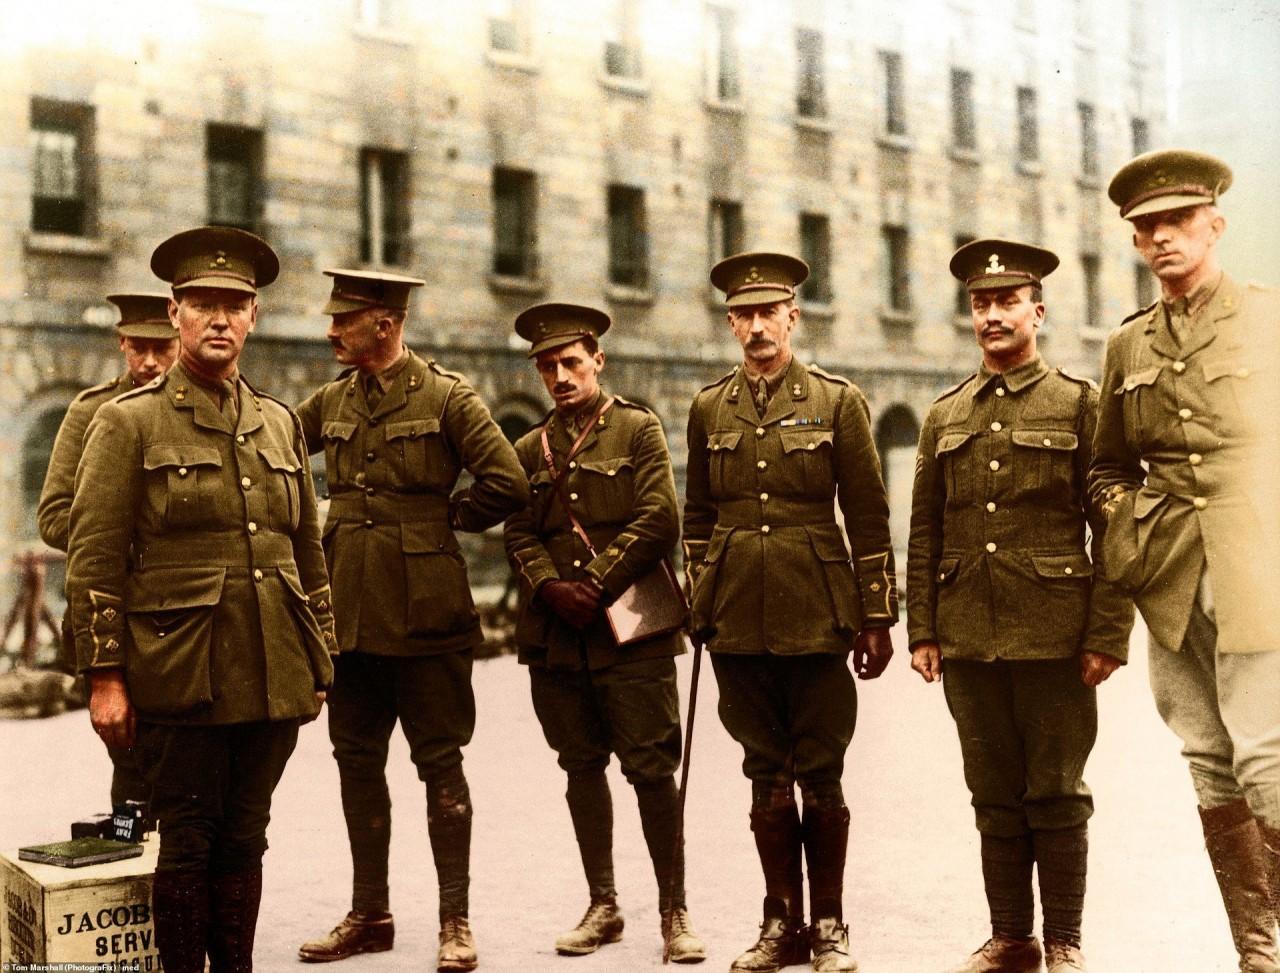 Военнослужащие ирландского пехотного полка Королевские Дублинские Фузильеры перед отправкой на фронт, 1915 г. архивное фото, колоризация, колоризация фотографий, колоризированные снимки, первая мировая, первая мировая война, фото войны